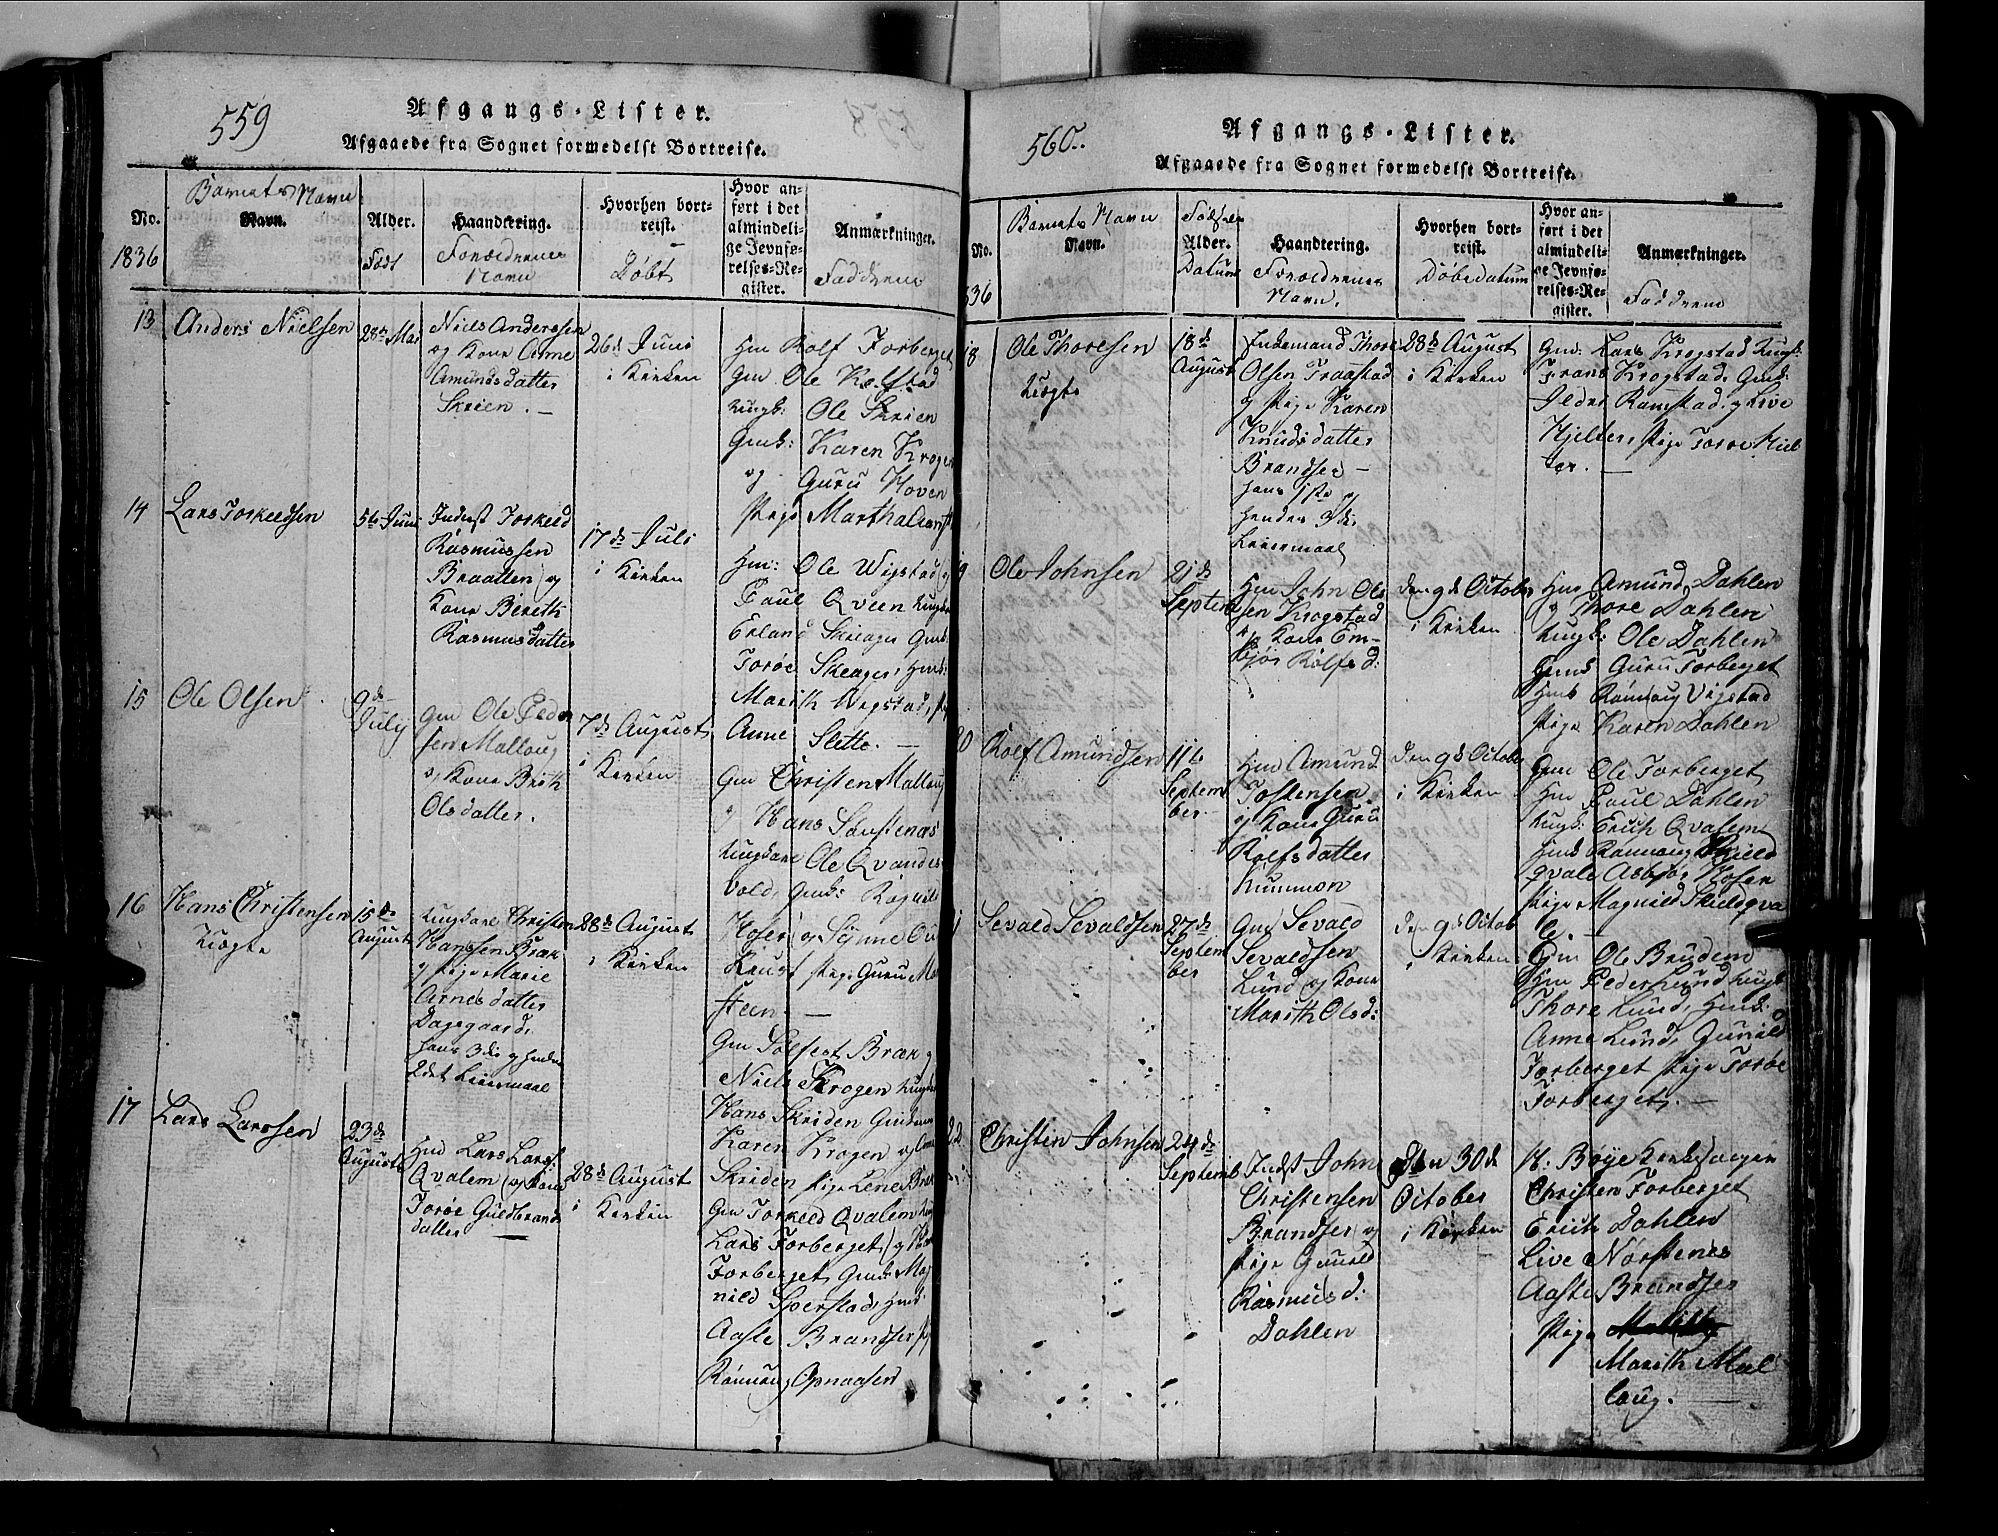 SAH, Lom prestekontor, L/L0003: Klokkerbok nr. 3, 1815-1844, s. 559-560